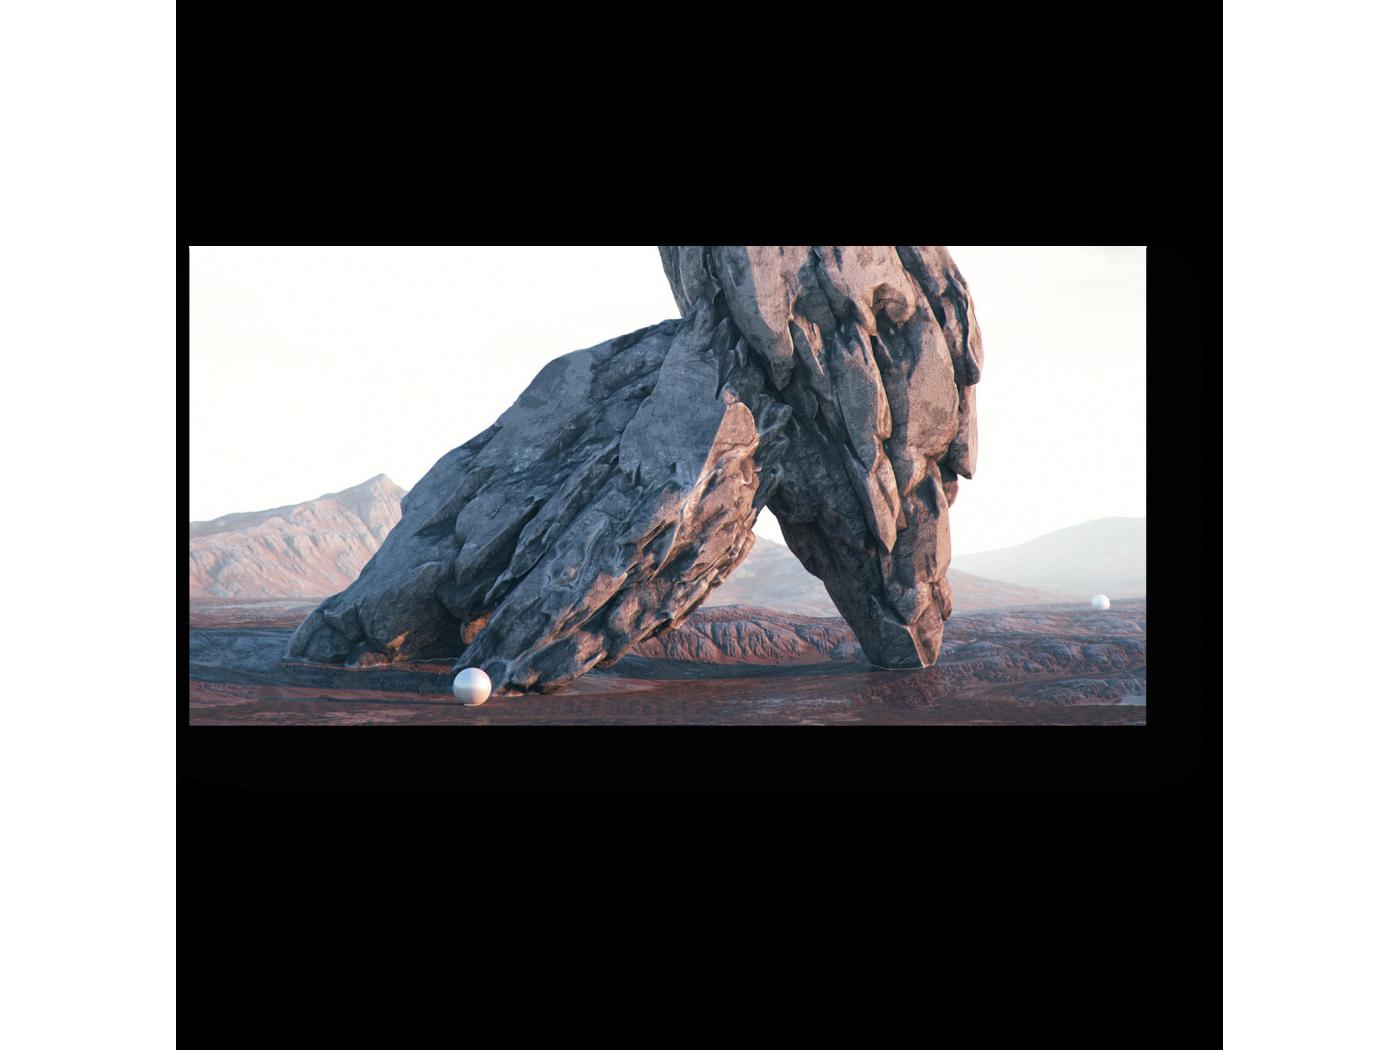 Модульная картина Обломки скал (40x20) фото